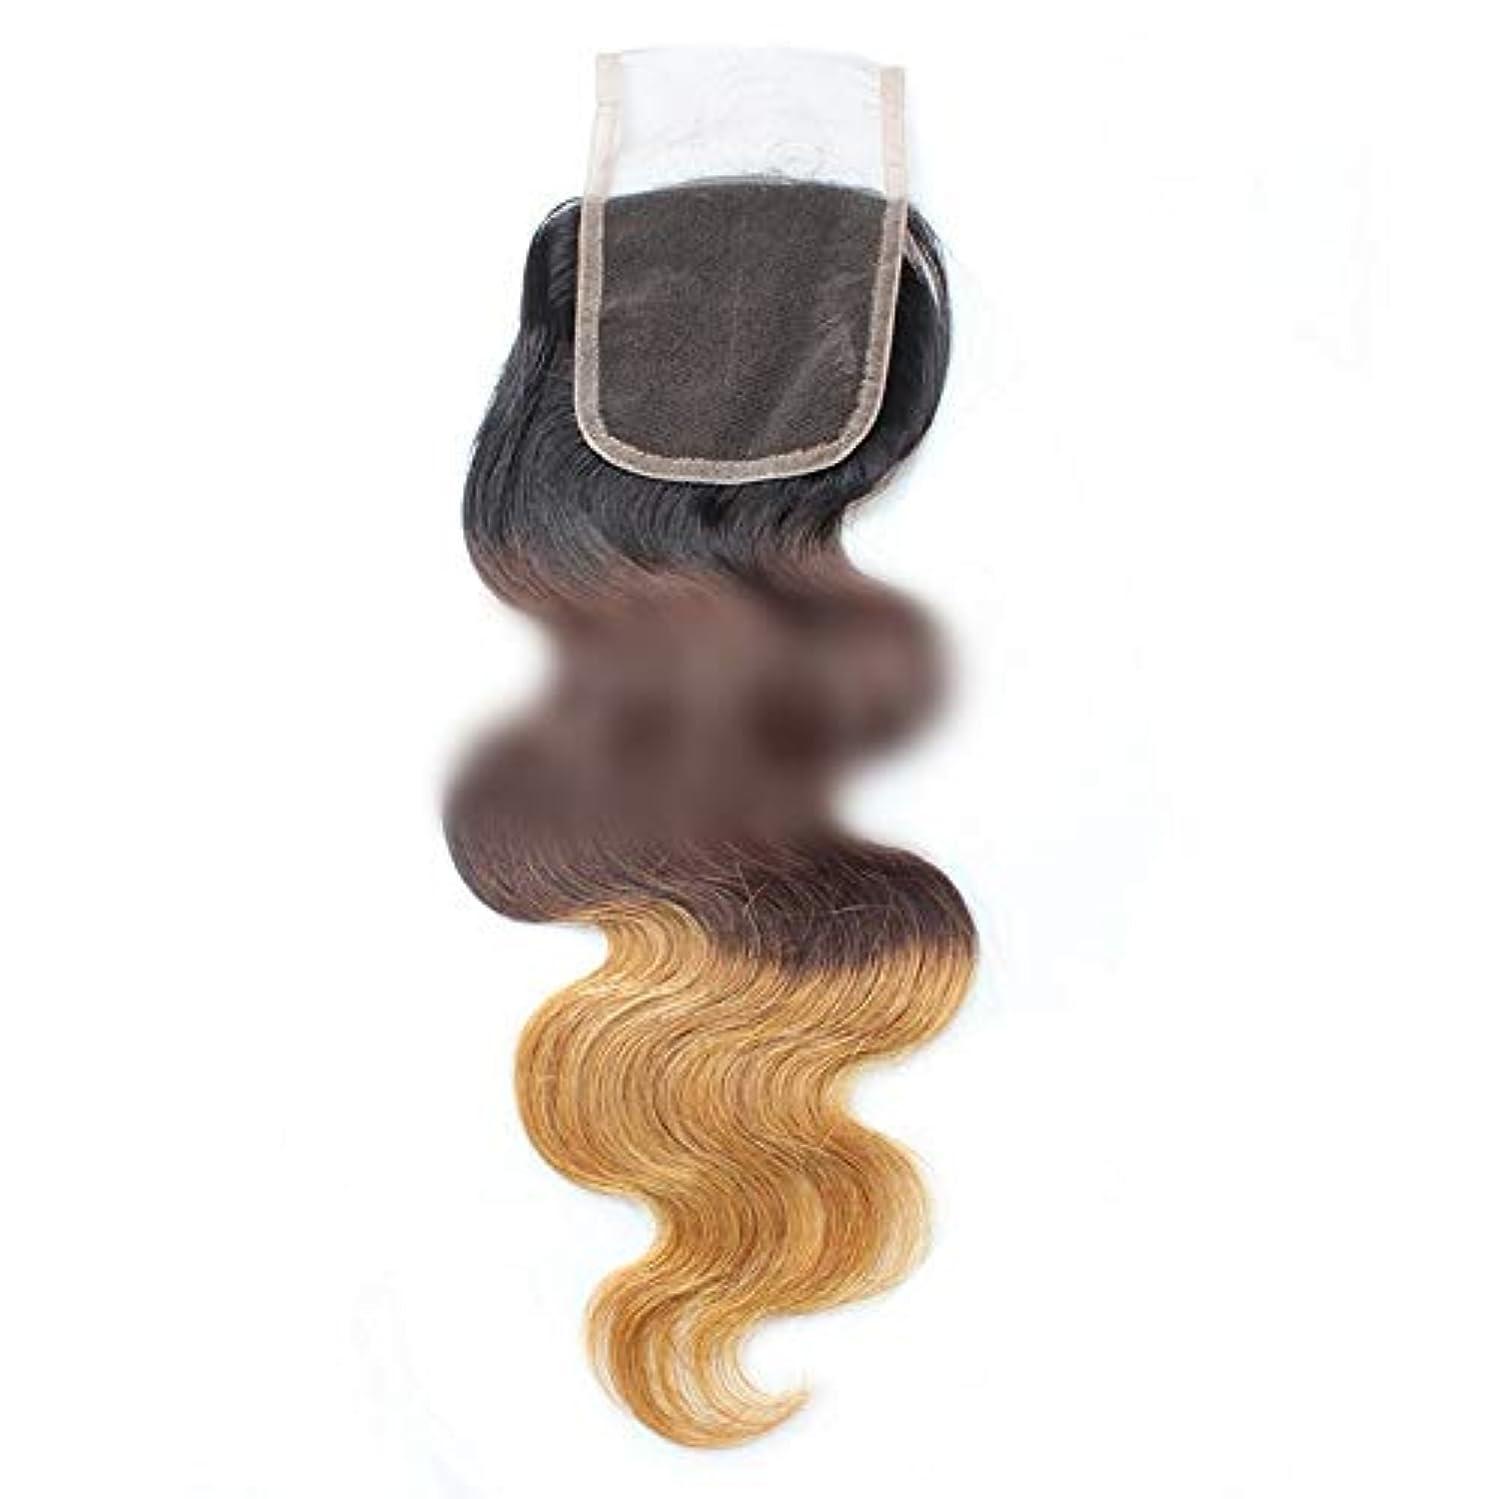 鼻不十分甘美なWASAIO ヘアエクステンションブラジルバンドルボディウェーブ4X4レースフロンタル閉鎖ヒトブラックブラウン3トーンのカラーリングを金髪にします (色 : ブラウン, サイズ : 16 inch)